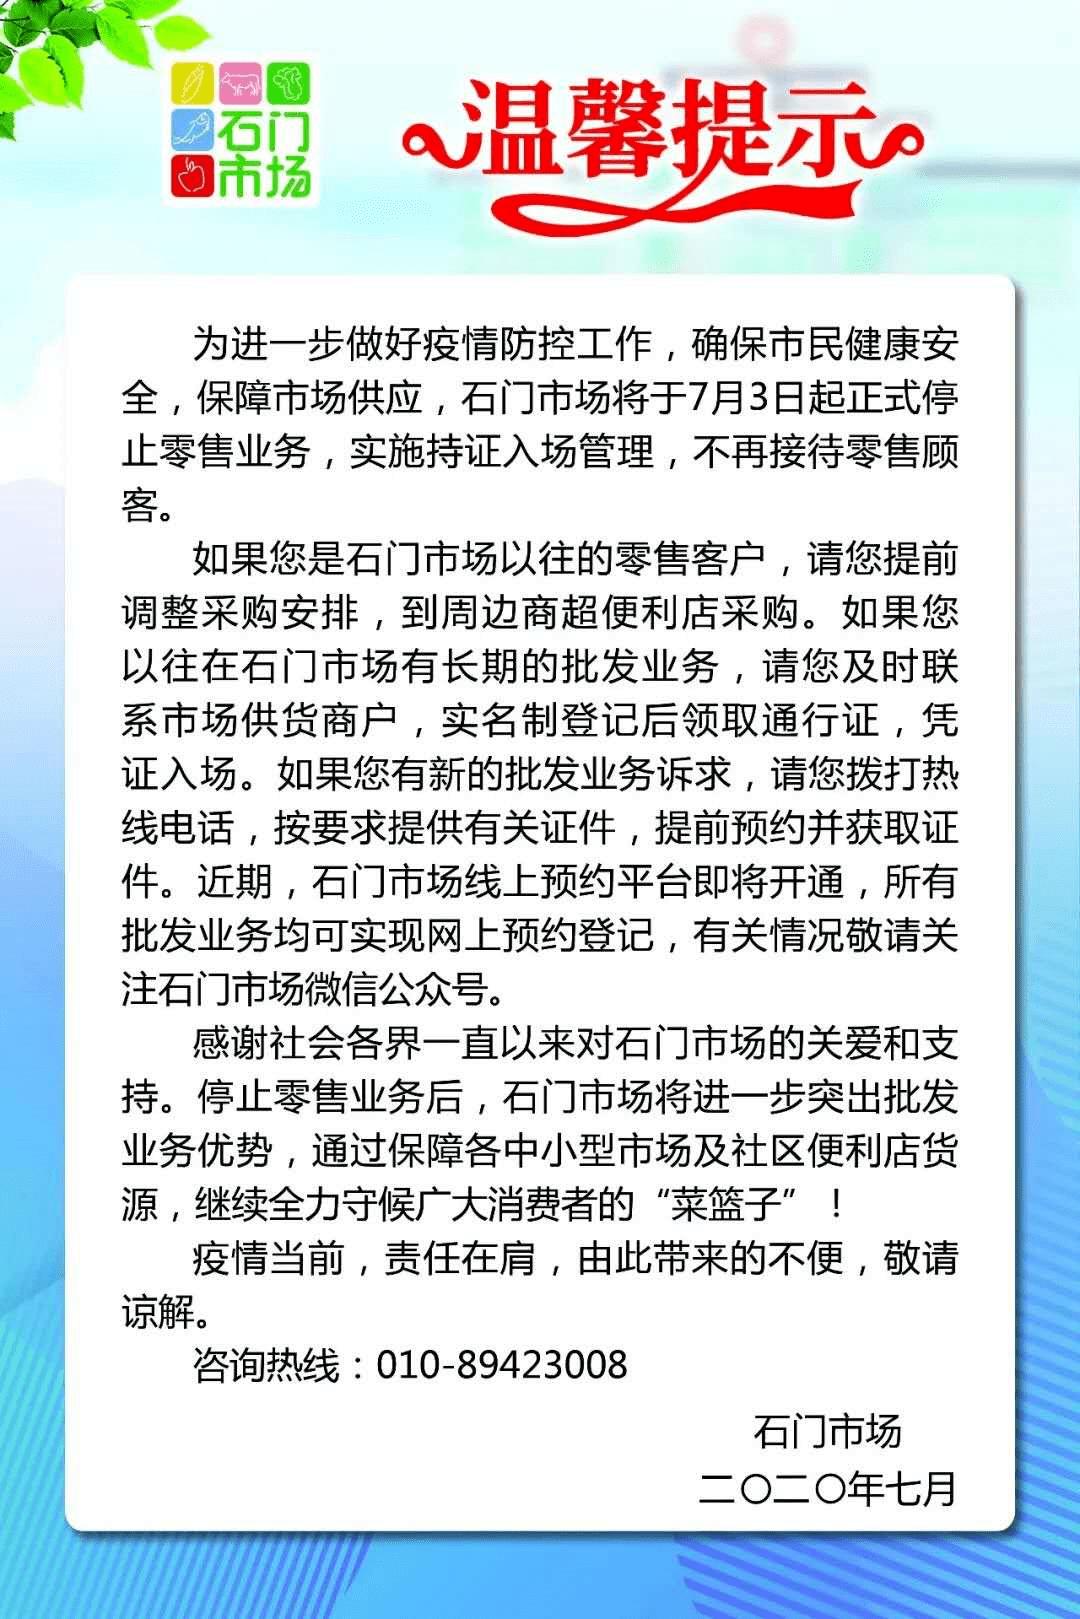 北京4个农副产品批发市场已暂停零售,只接受批发业务